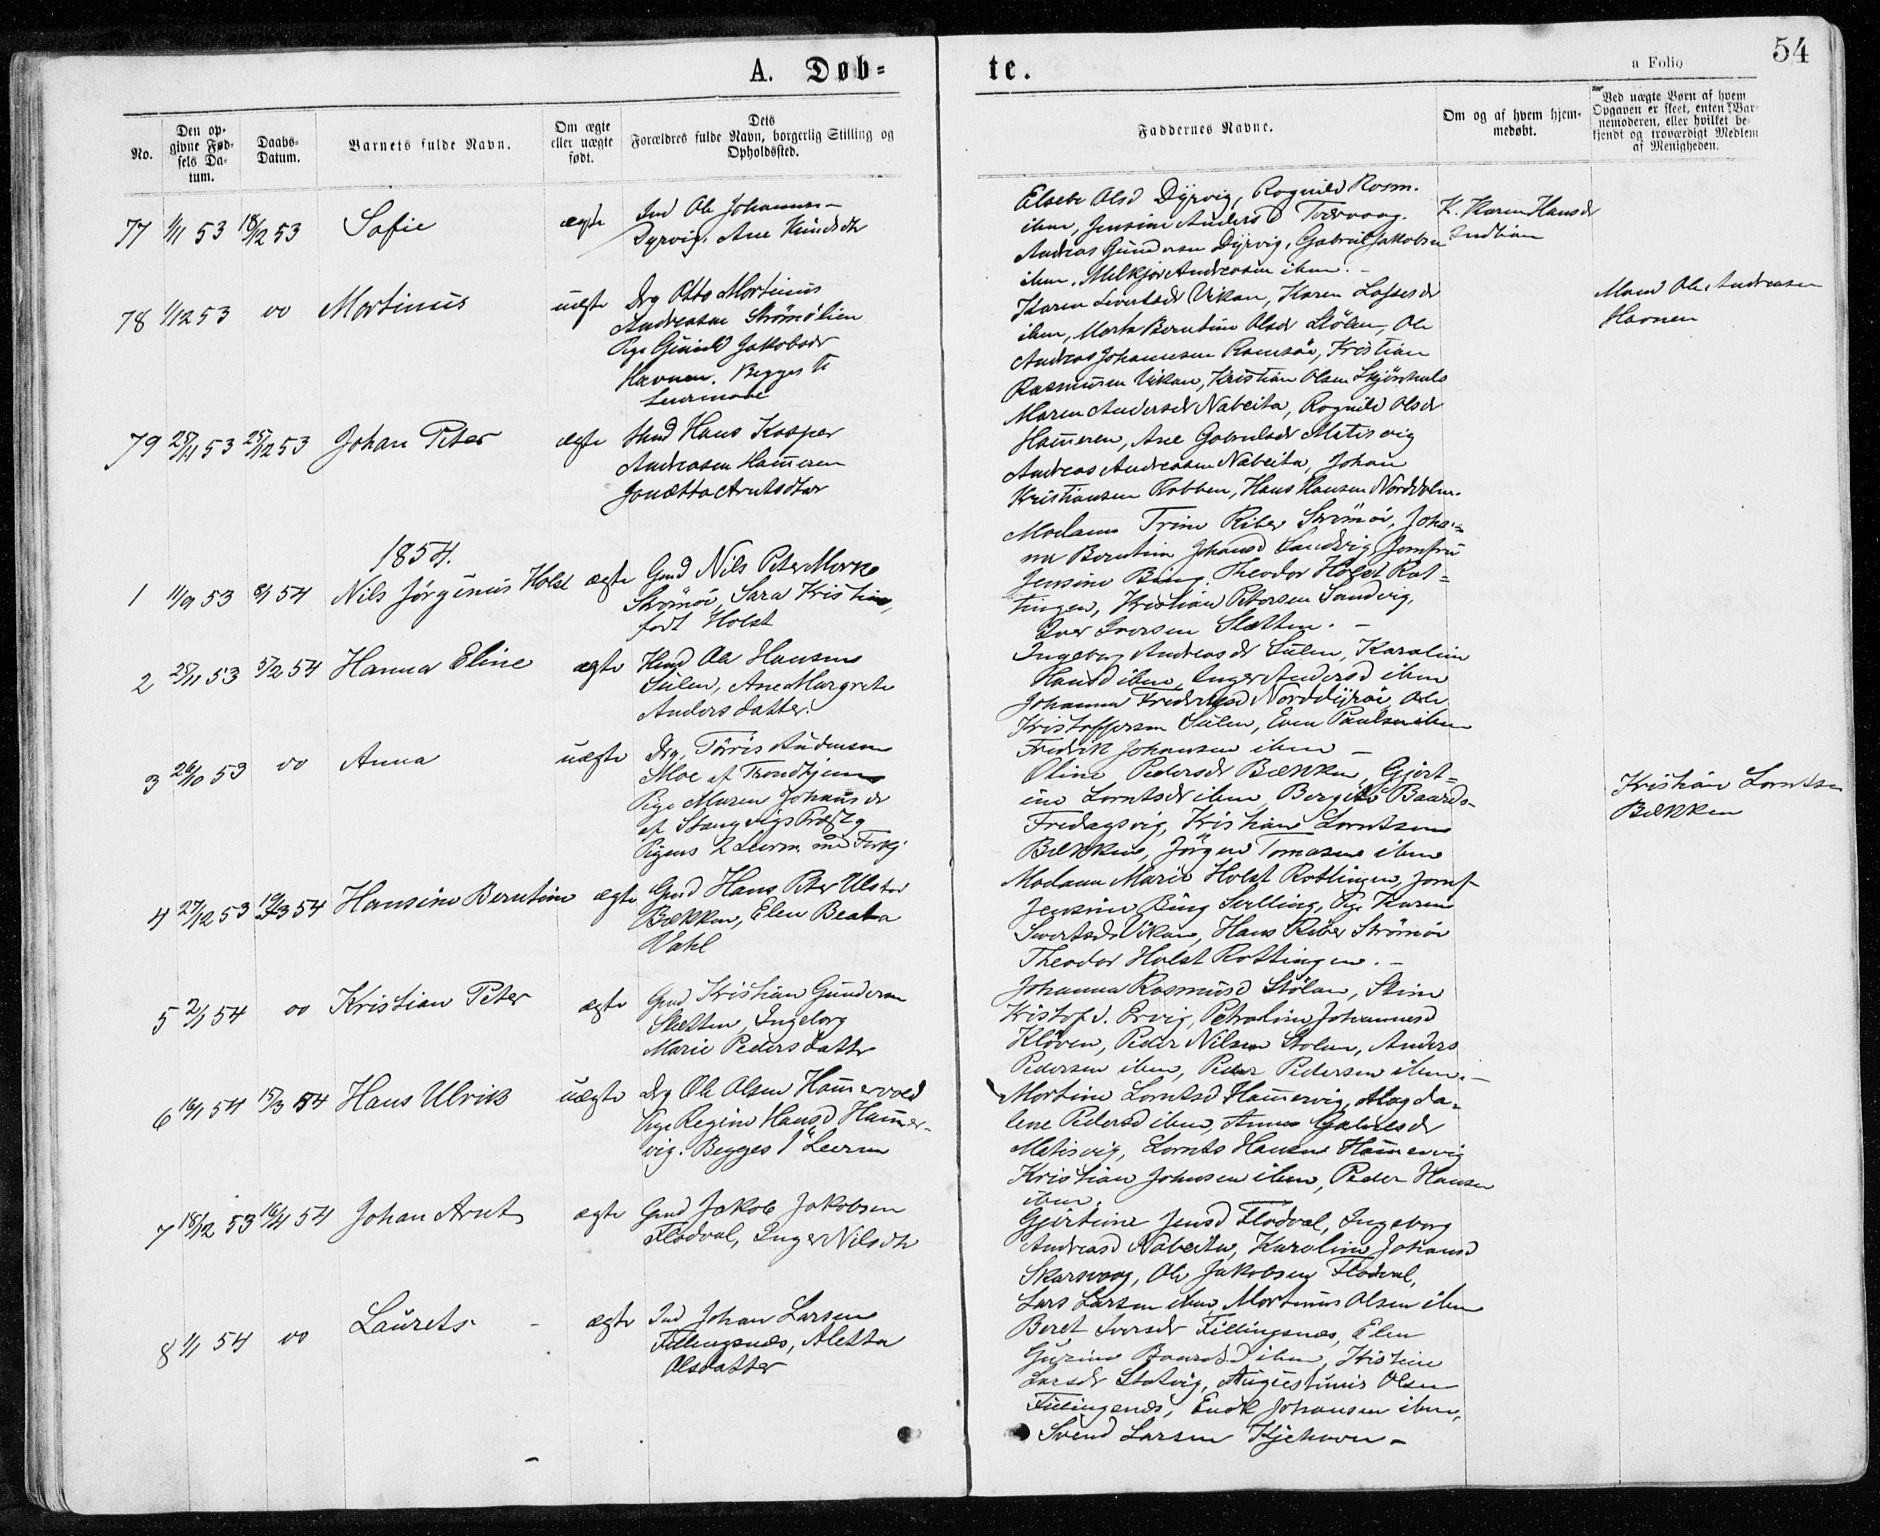 SAT, Ministerialprotokoller, klokkerbøker og fødselsregistre - Sør-Trøndelag, 640/L0576: Ministerialbok nr. 640A01, 1846-1876, s. 54